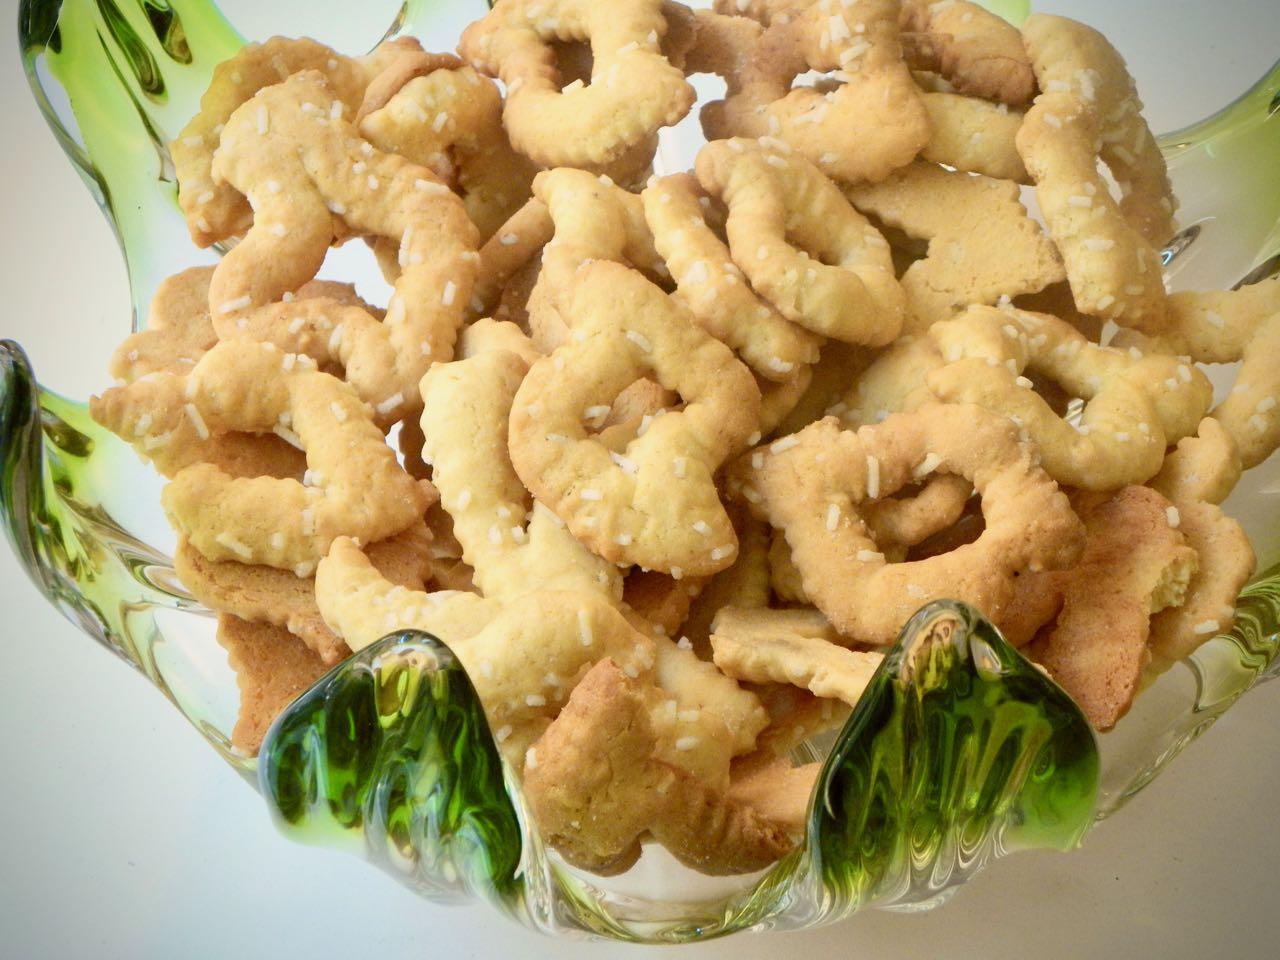 Cabiadini biscotti frollini - Cabiadini biscuits - Gustorotondo Italian food boutique